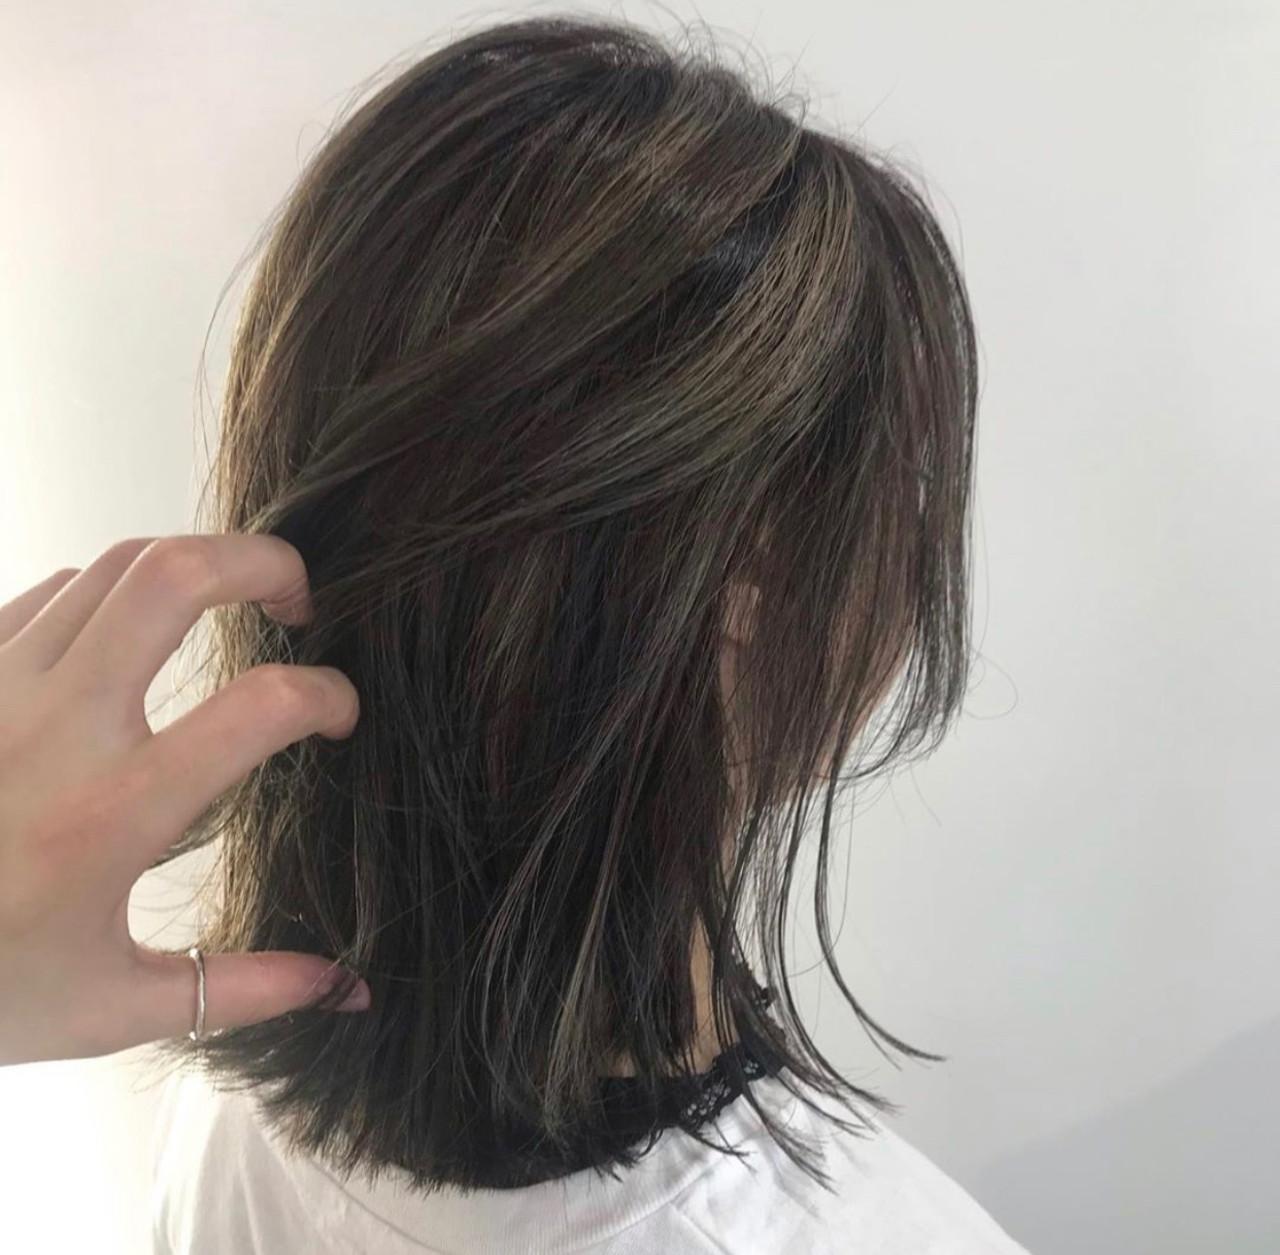 3Dハイライト ベージュ 外ハネボブ ナチュラル ヘアスタイルや髪型の写真・画像 | 石渡諒太 / Alan Smithee